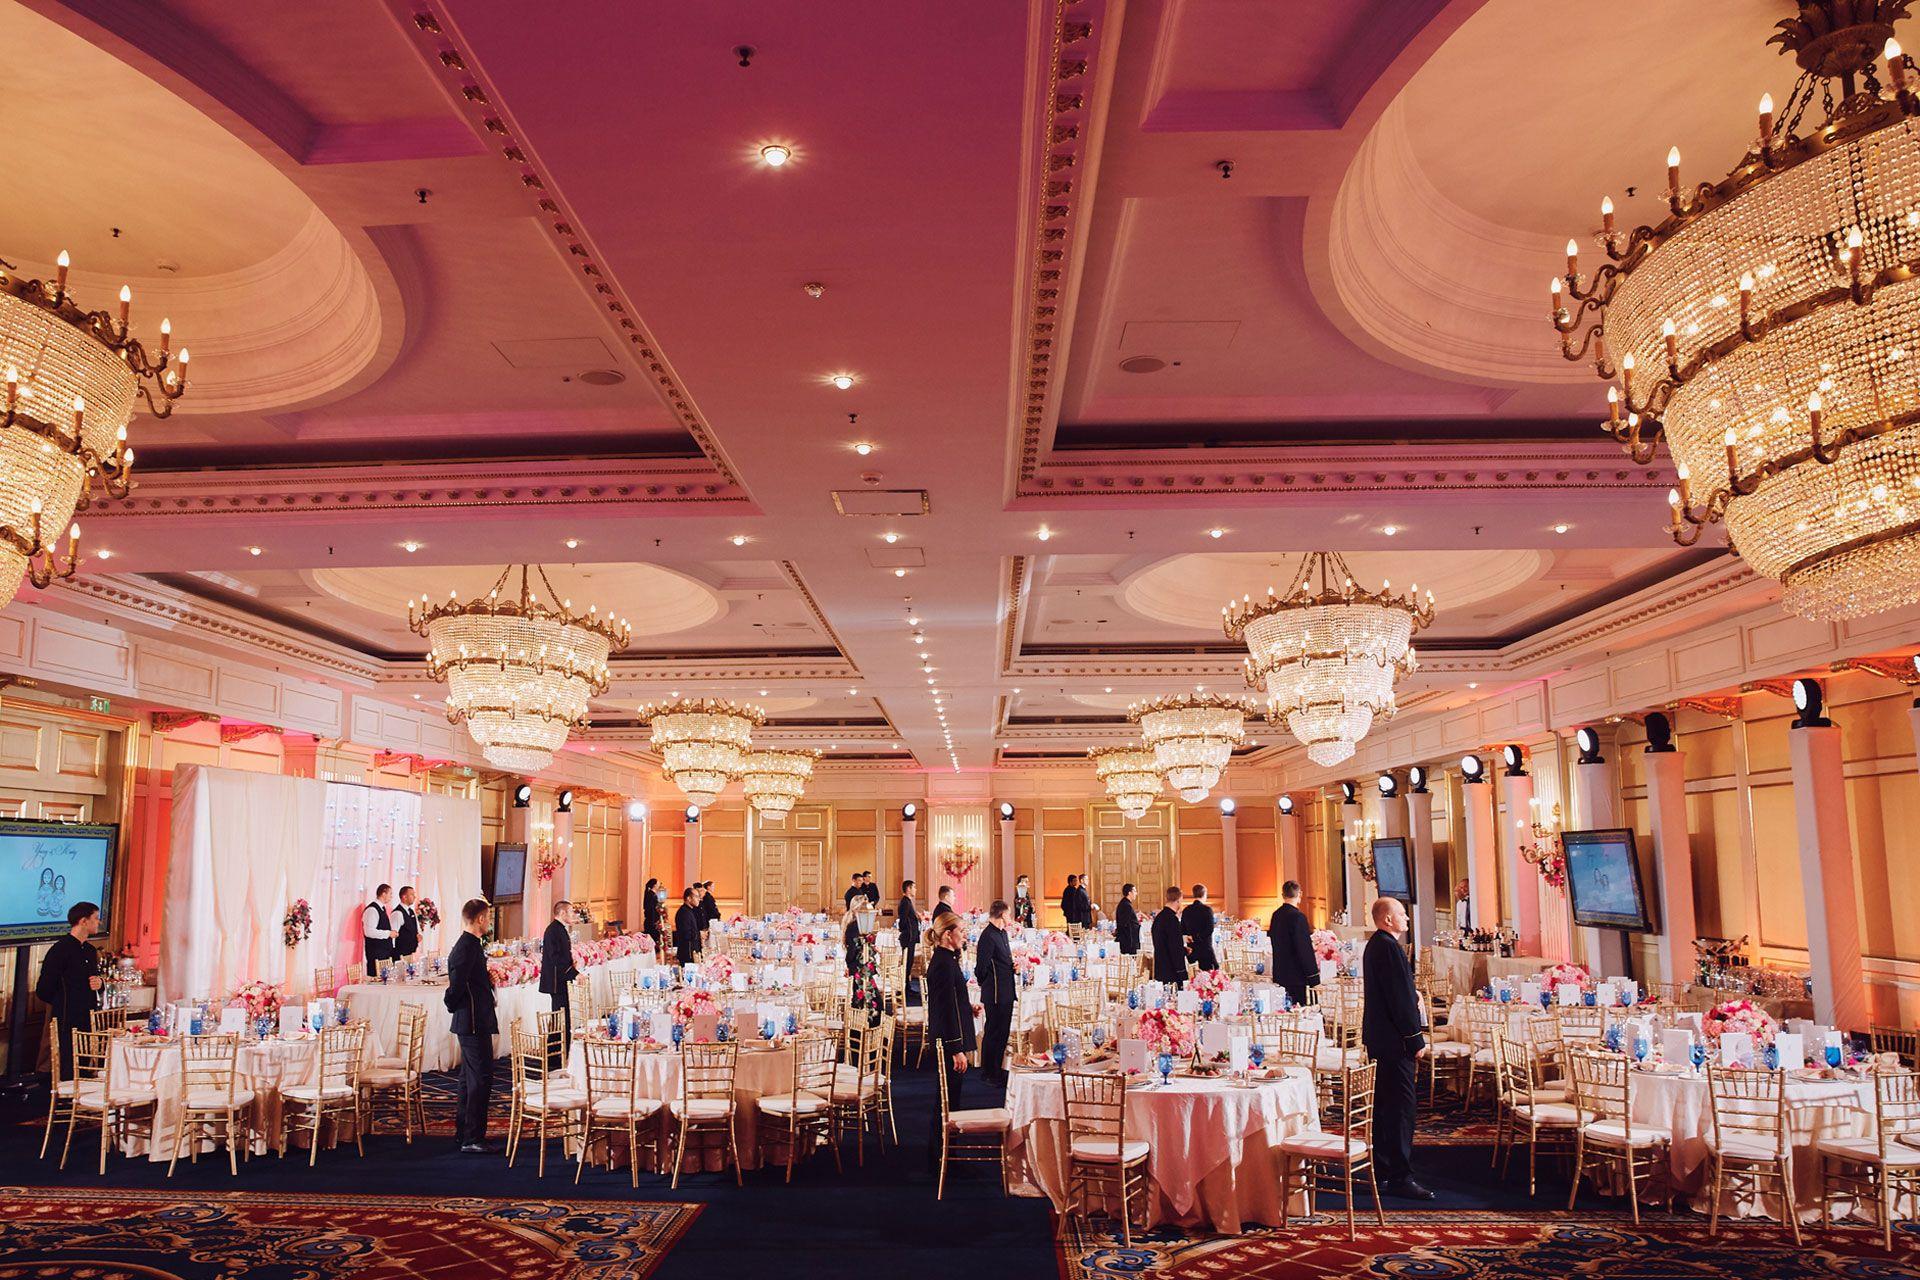 Организатор Варвара Перегудова: световое оборудование на свадьбе фото 20